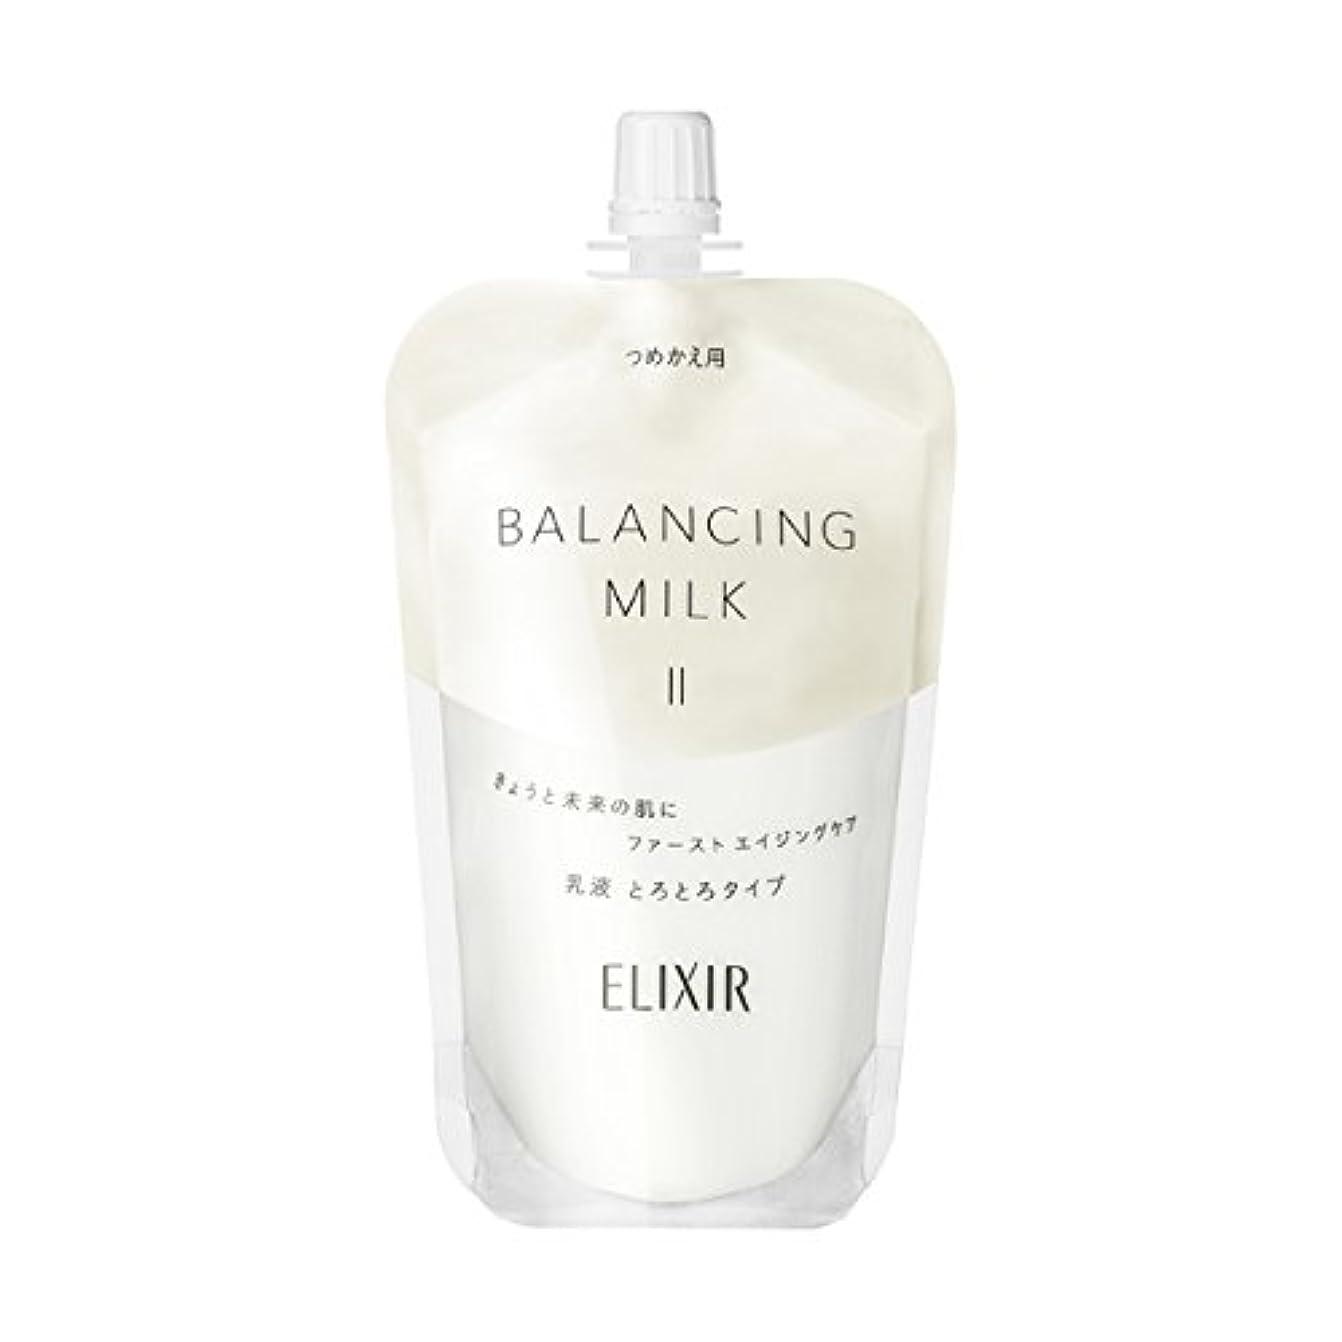 補正マイル常習的エリクシール ルフレ バランシング ミルク 乳液 2 (とろとろタイプ) (つめかえ用) 110mL